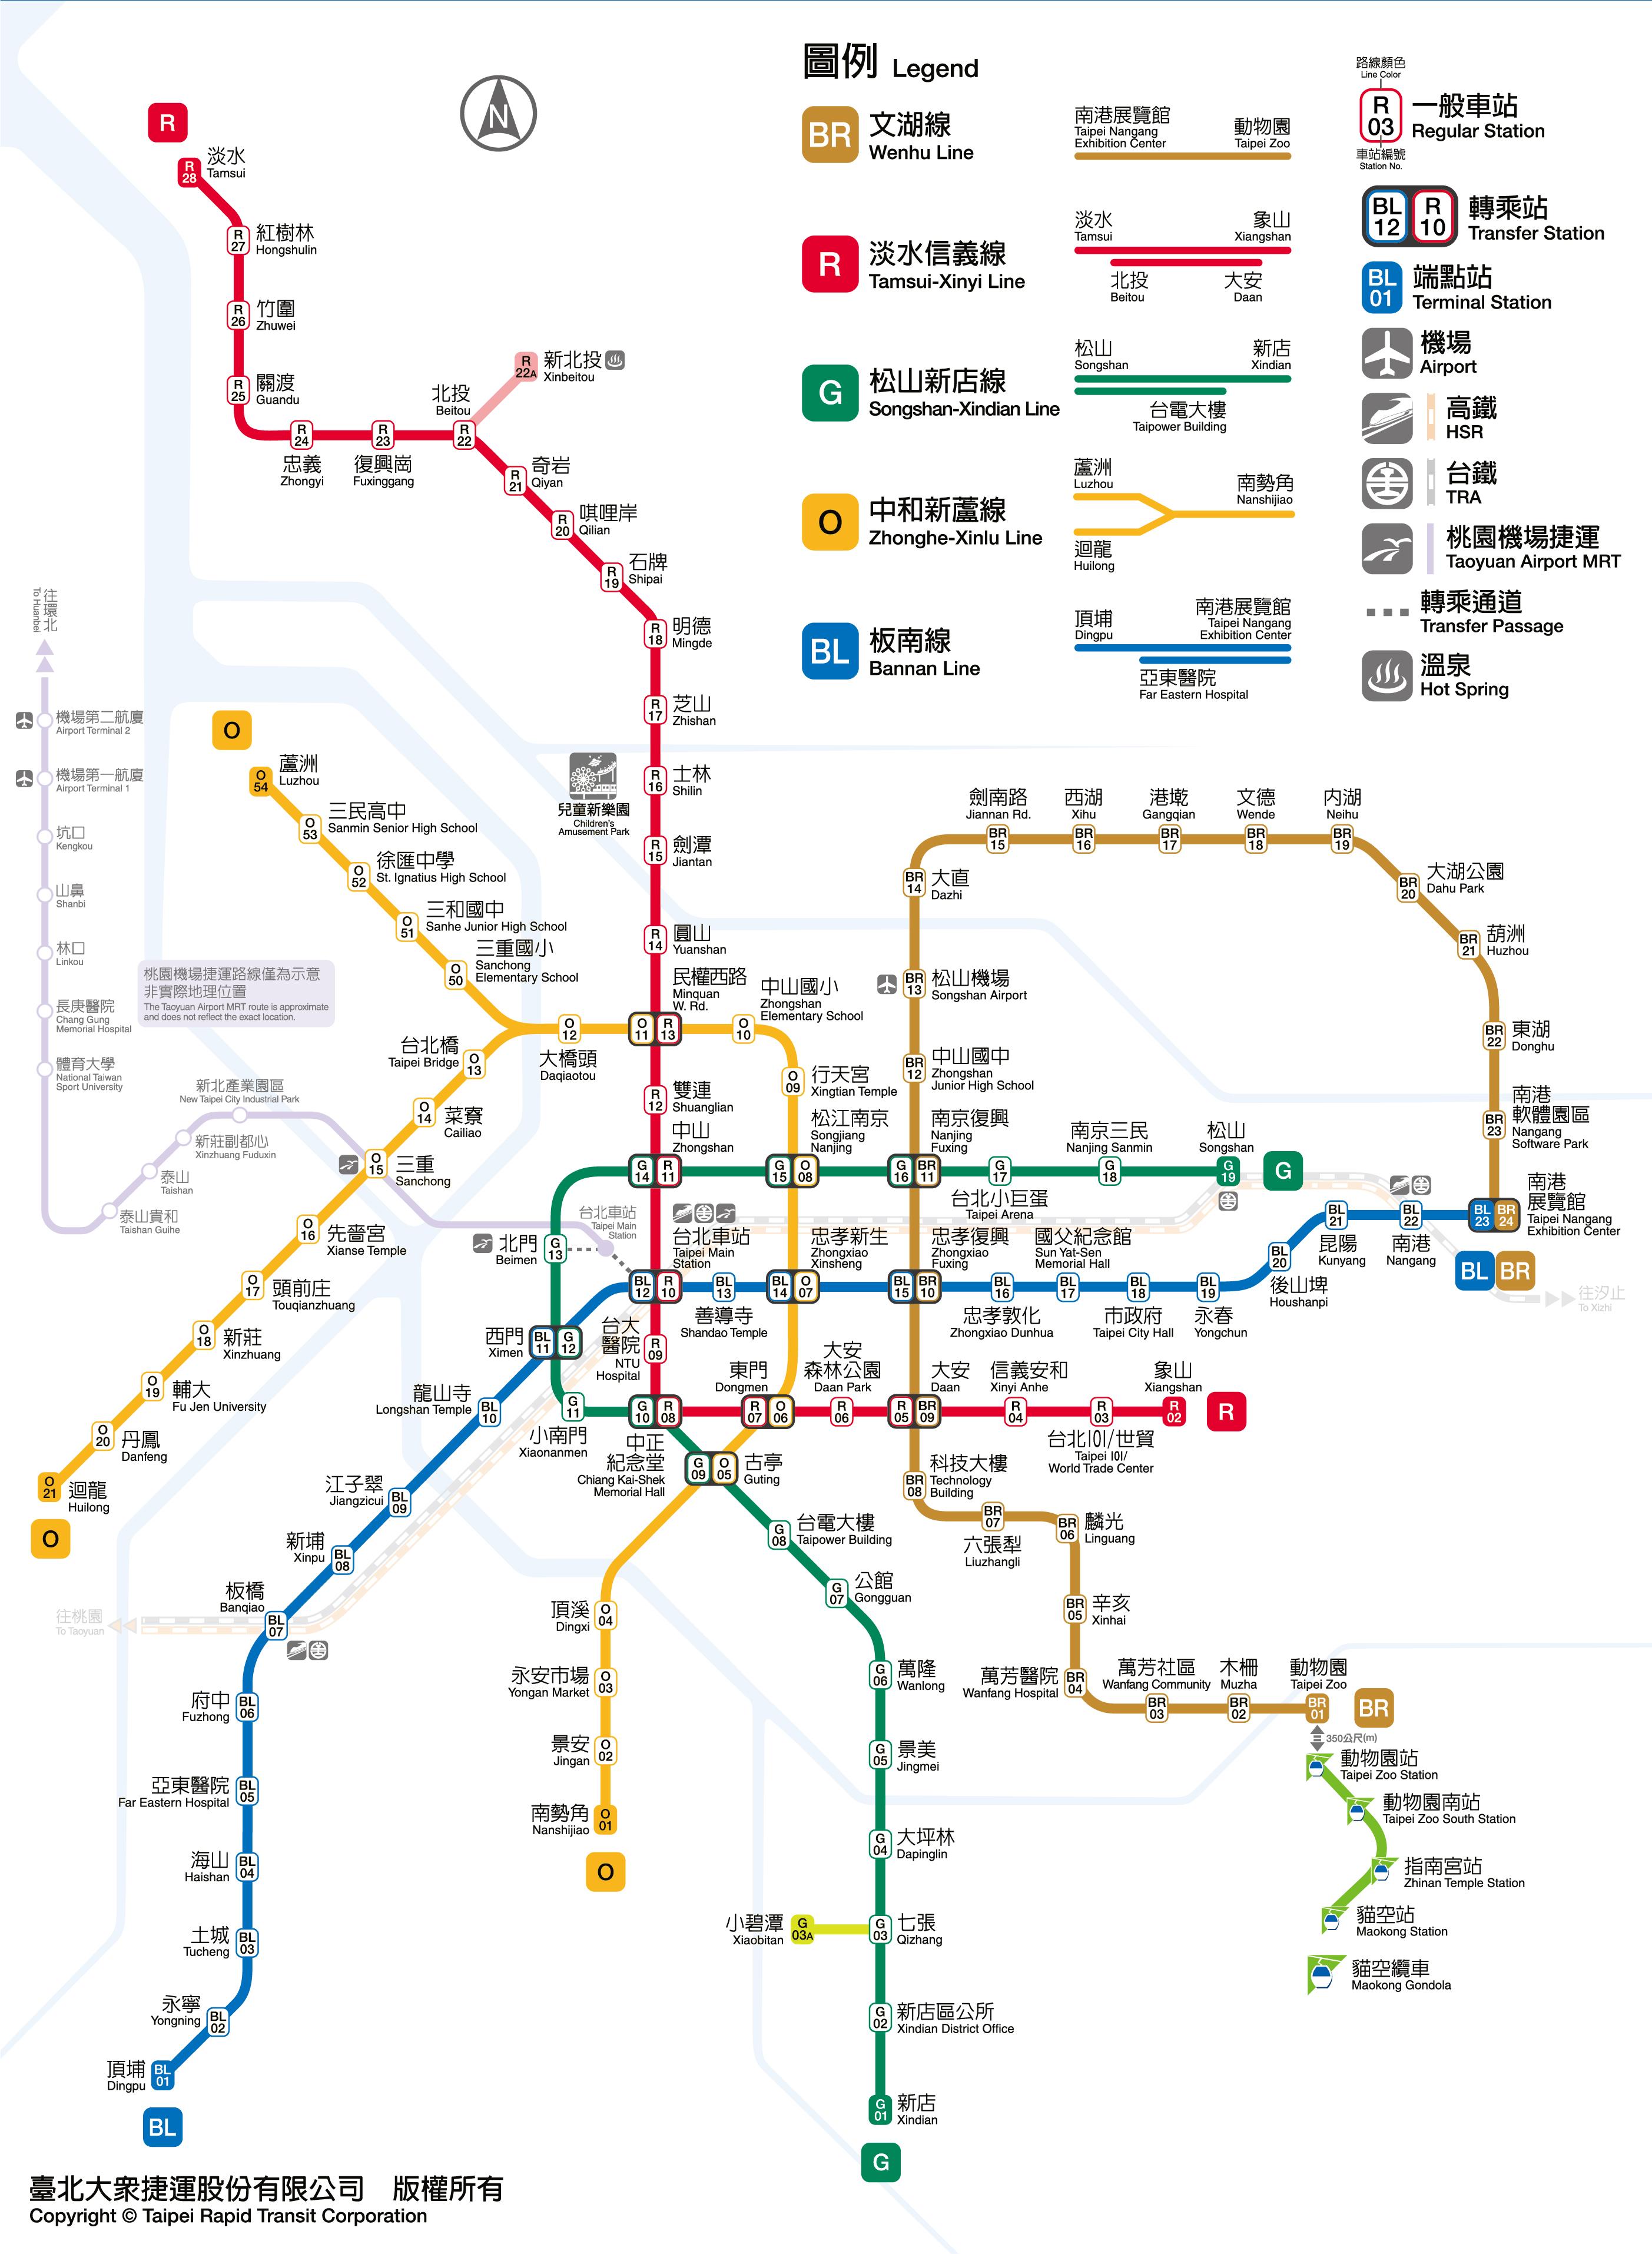 2017年臺北捷運路線圖 (Metro Taipei Map) | 逍遙文工作室